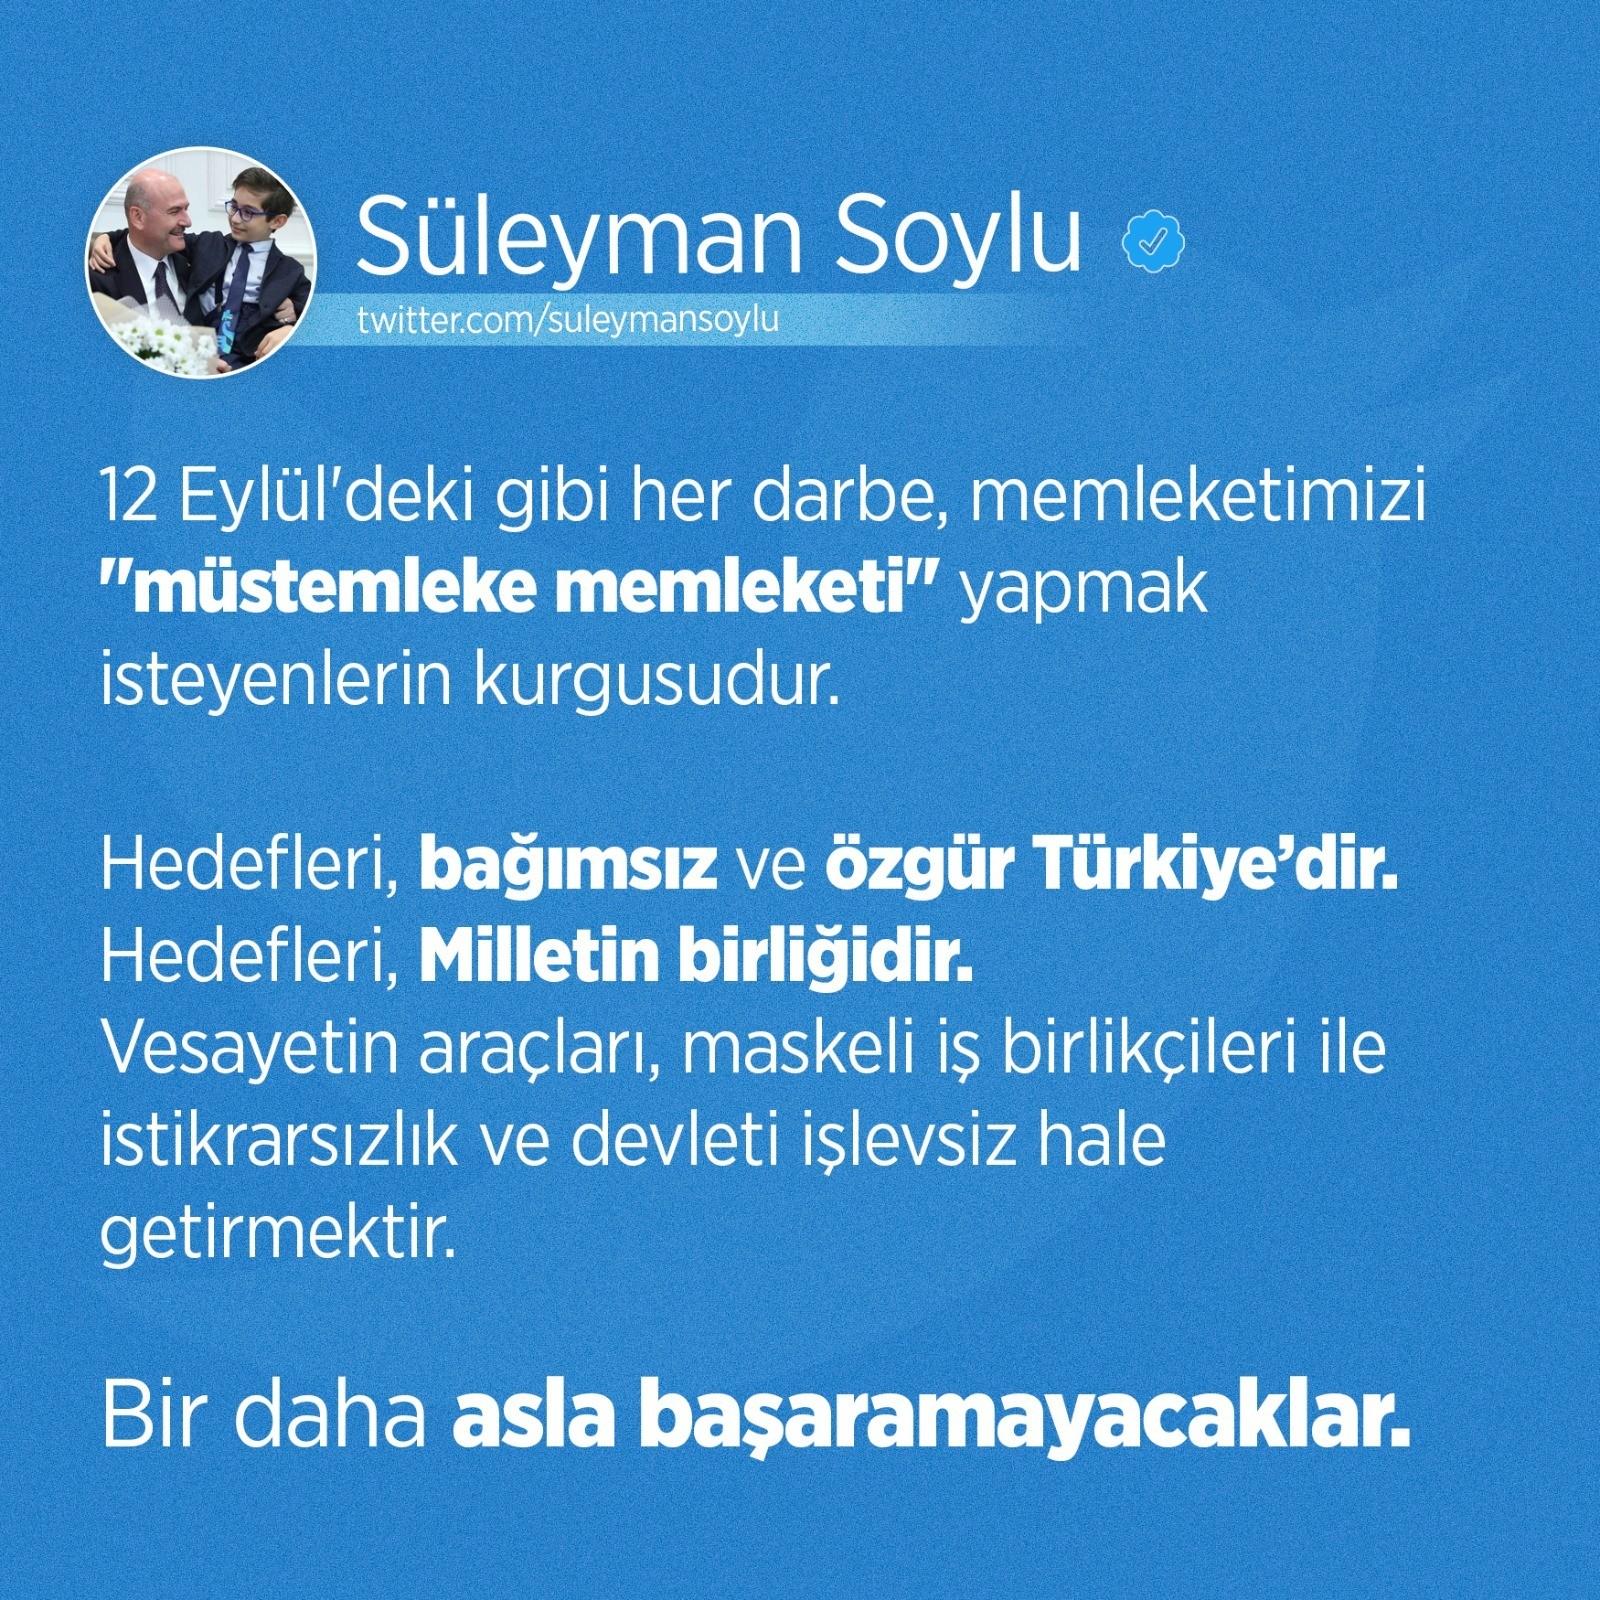 Bakan Süleyman Soylu'dan 12 Eylül mesajı